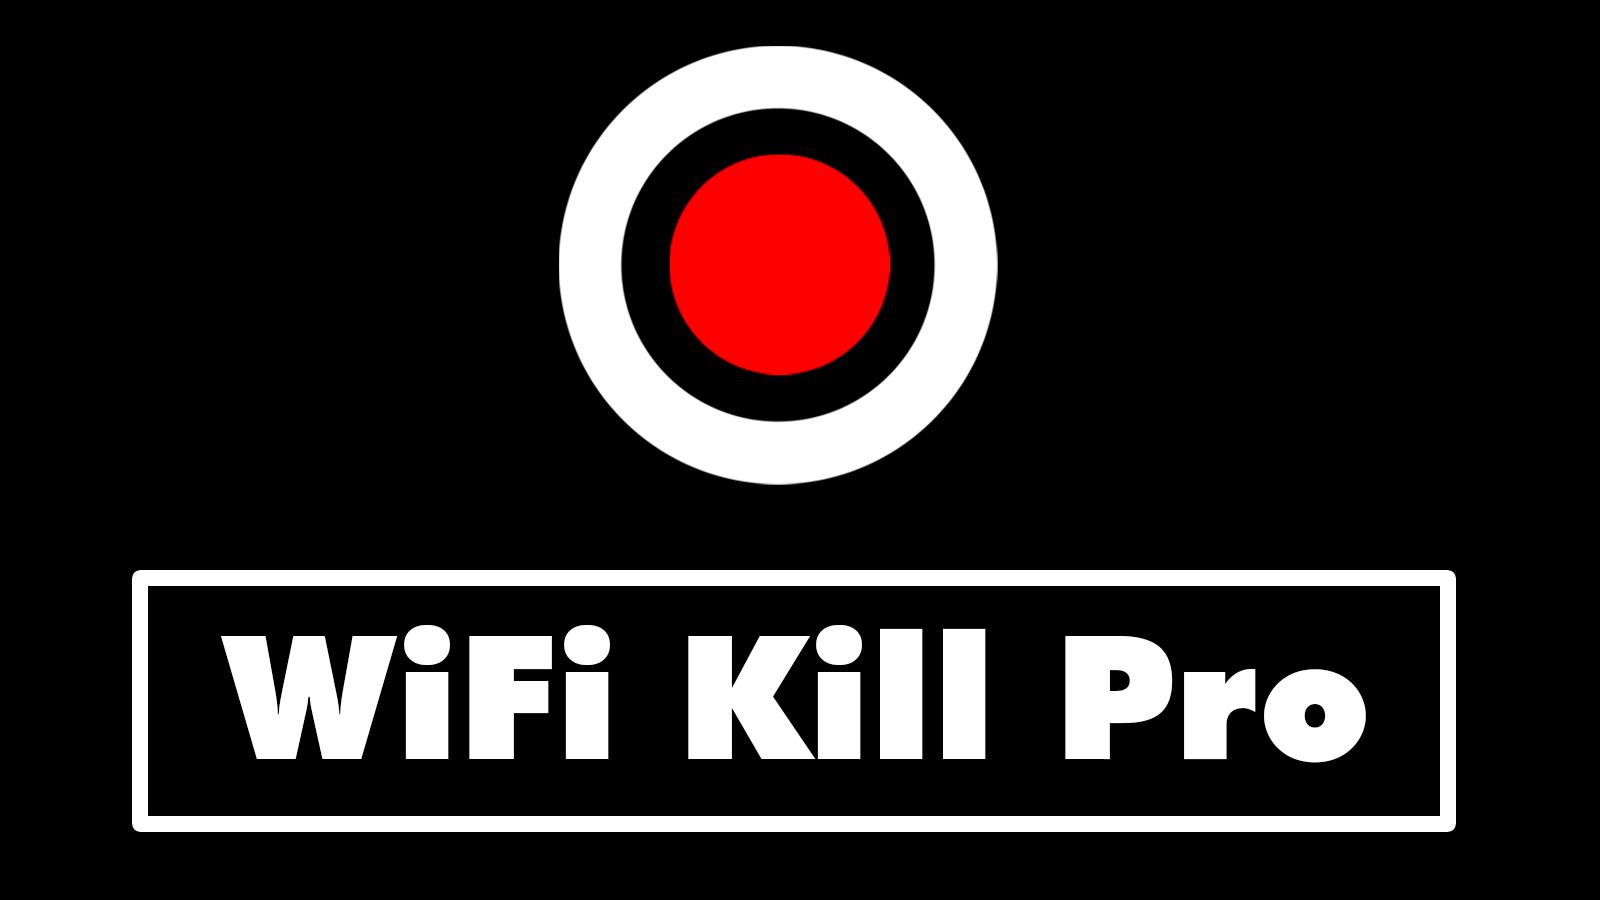 برنامج للتحكم في الواي فاي للهاتف وقطع النت علي المتصلين 2021